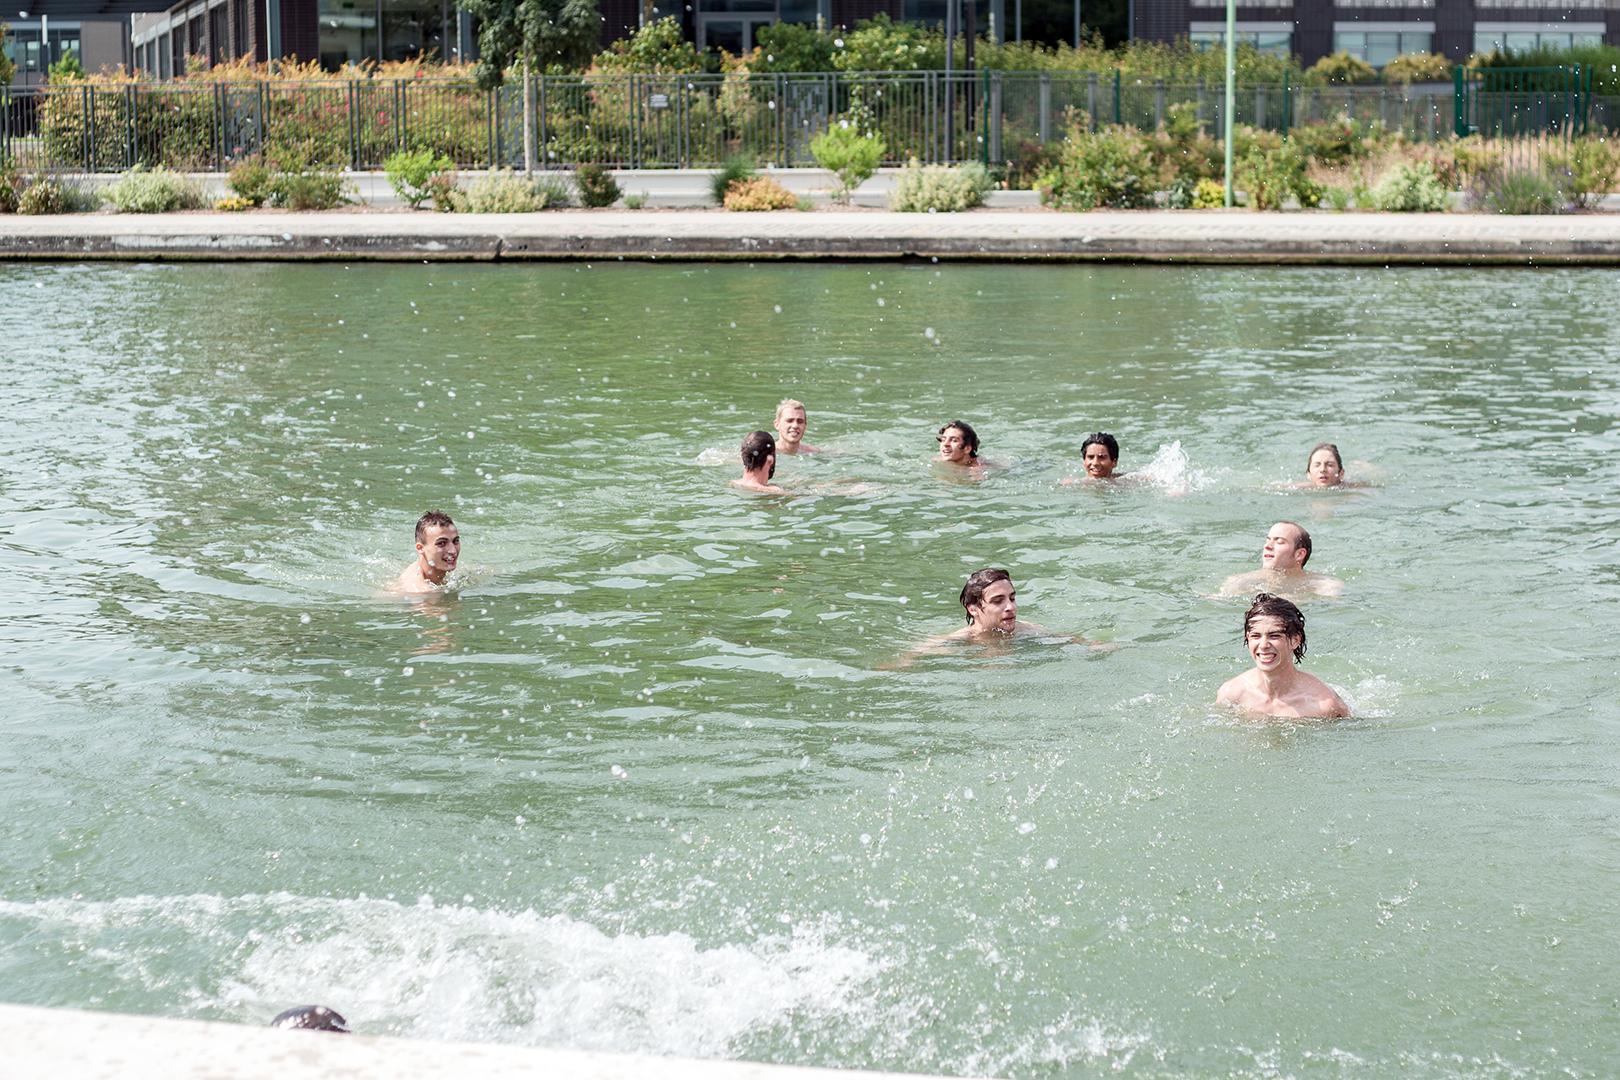 GSD9- waterguys - de paris yearbook- clement chouleur